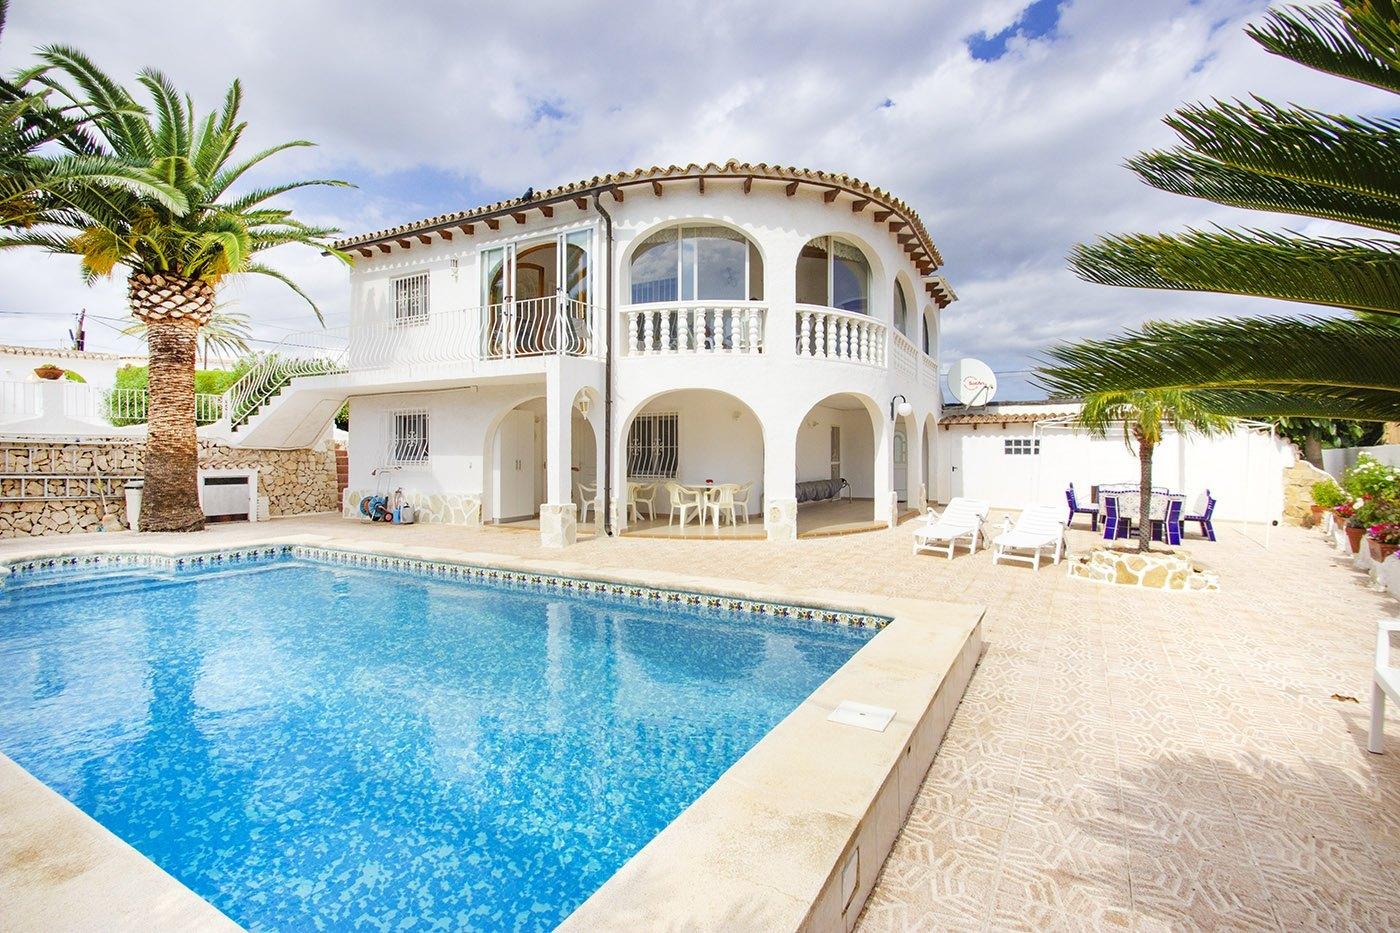 7a06ce4104 Villa for sale in Calpe